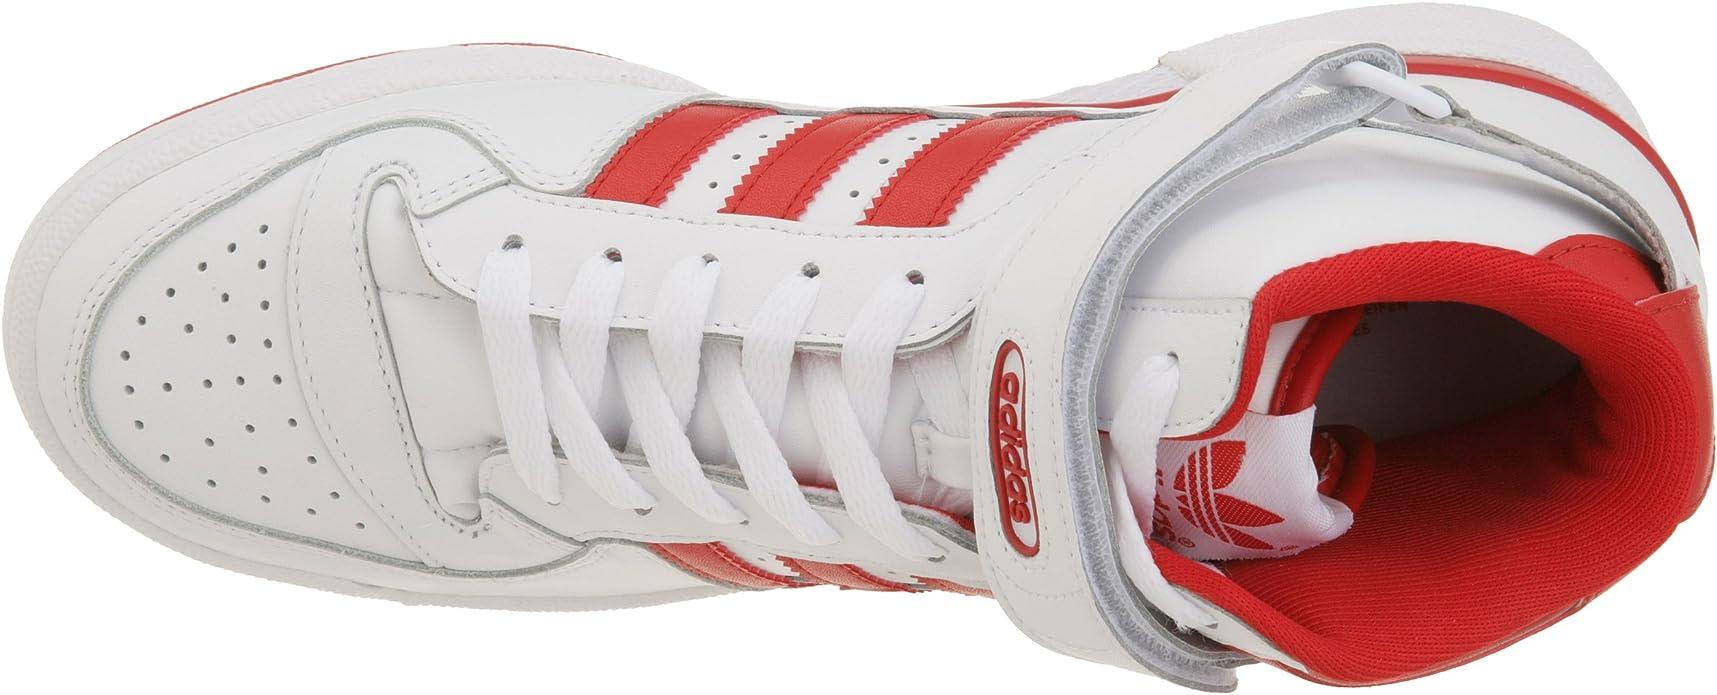 ADIDAS Adidas forum mid zapatillas moda hombre: ADIDAS: Amazon.es ...